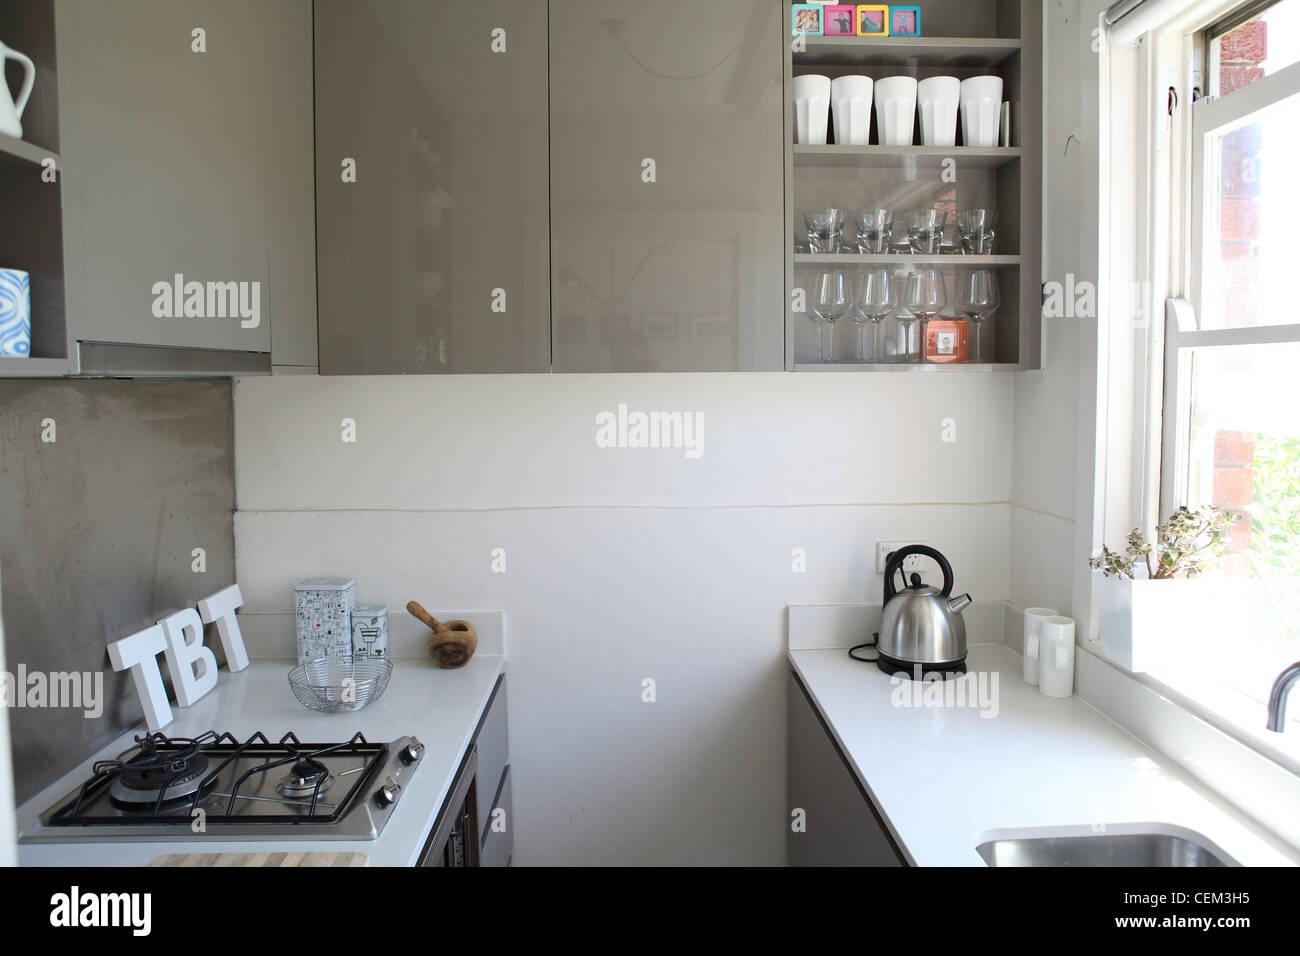 Wohnung In Sydney Small Pantry Küche Mit Weißem Stein Arbeiten, Oberflächen  Und Graue Glänzende Schränke